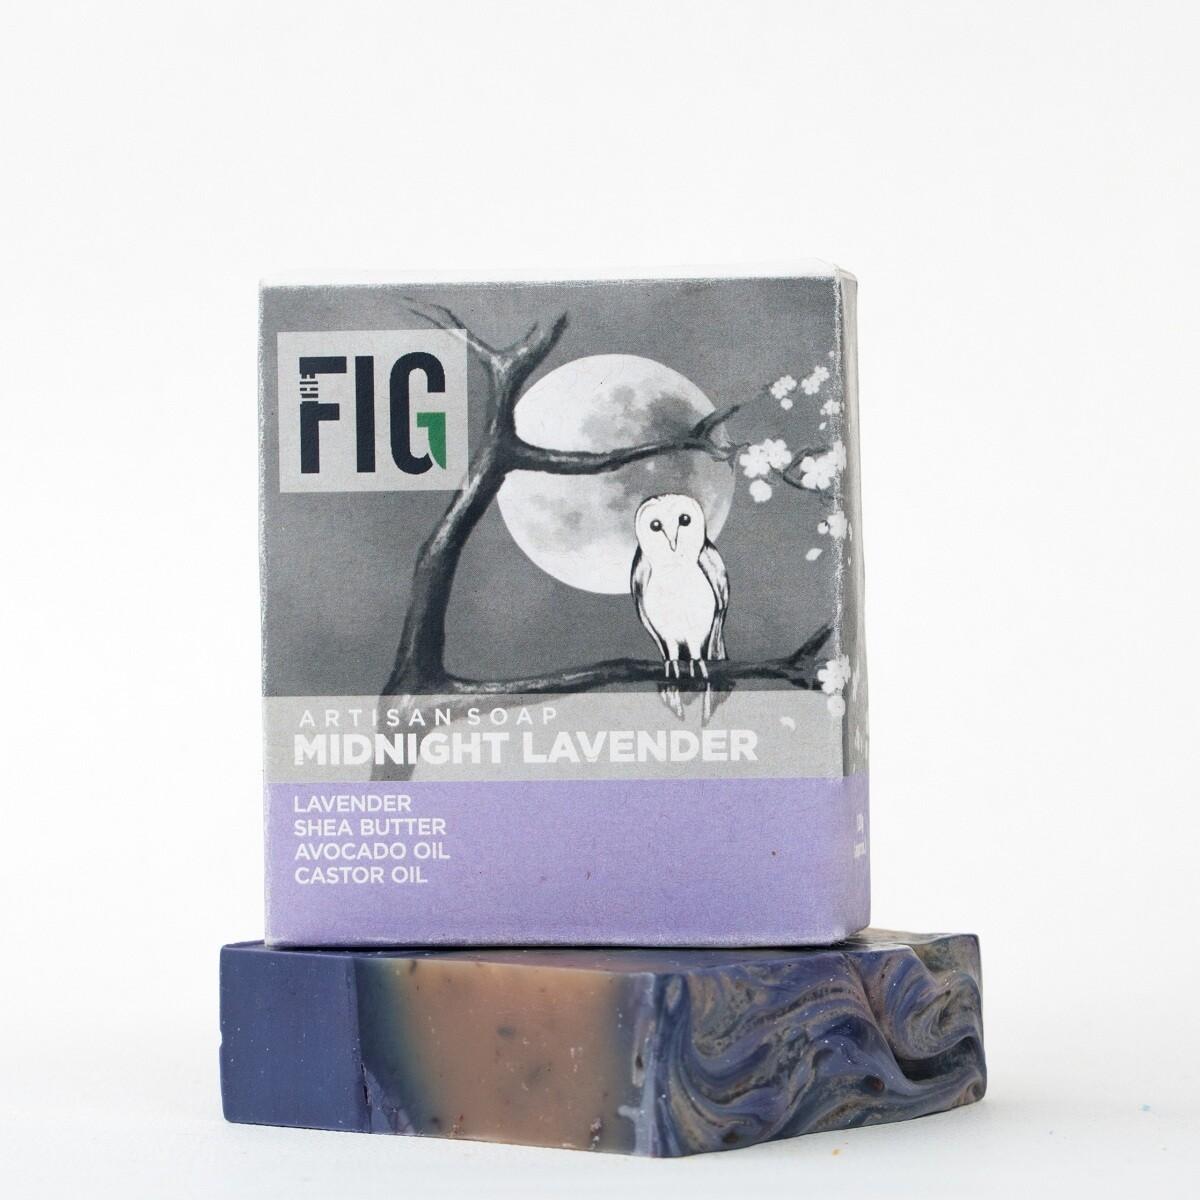 Midnight Lavender